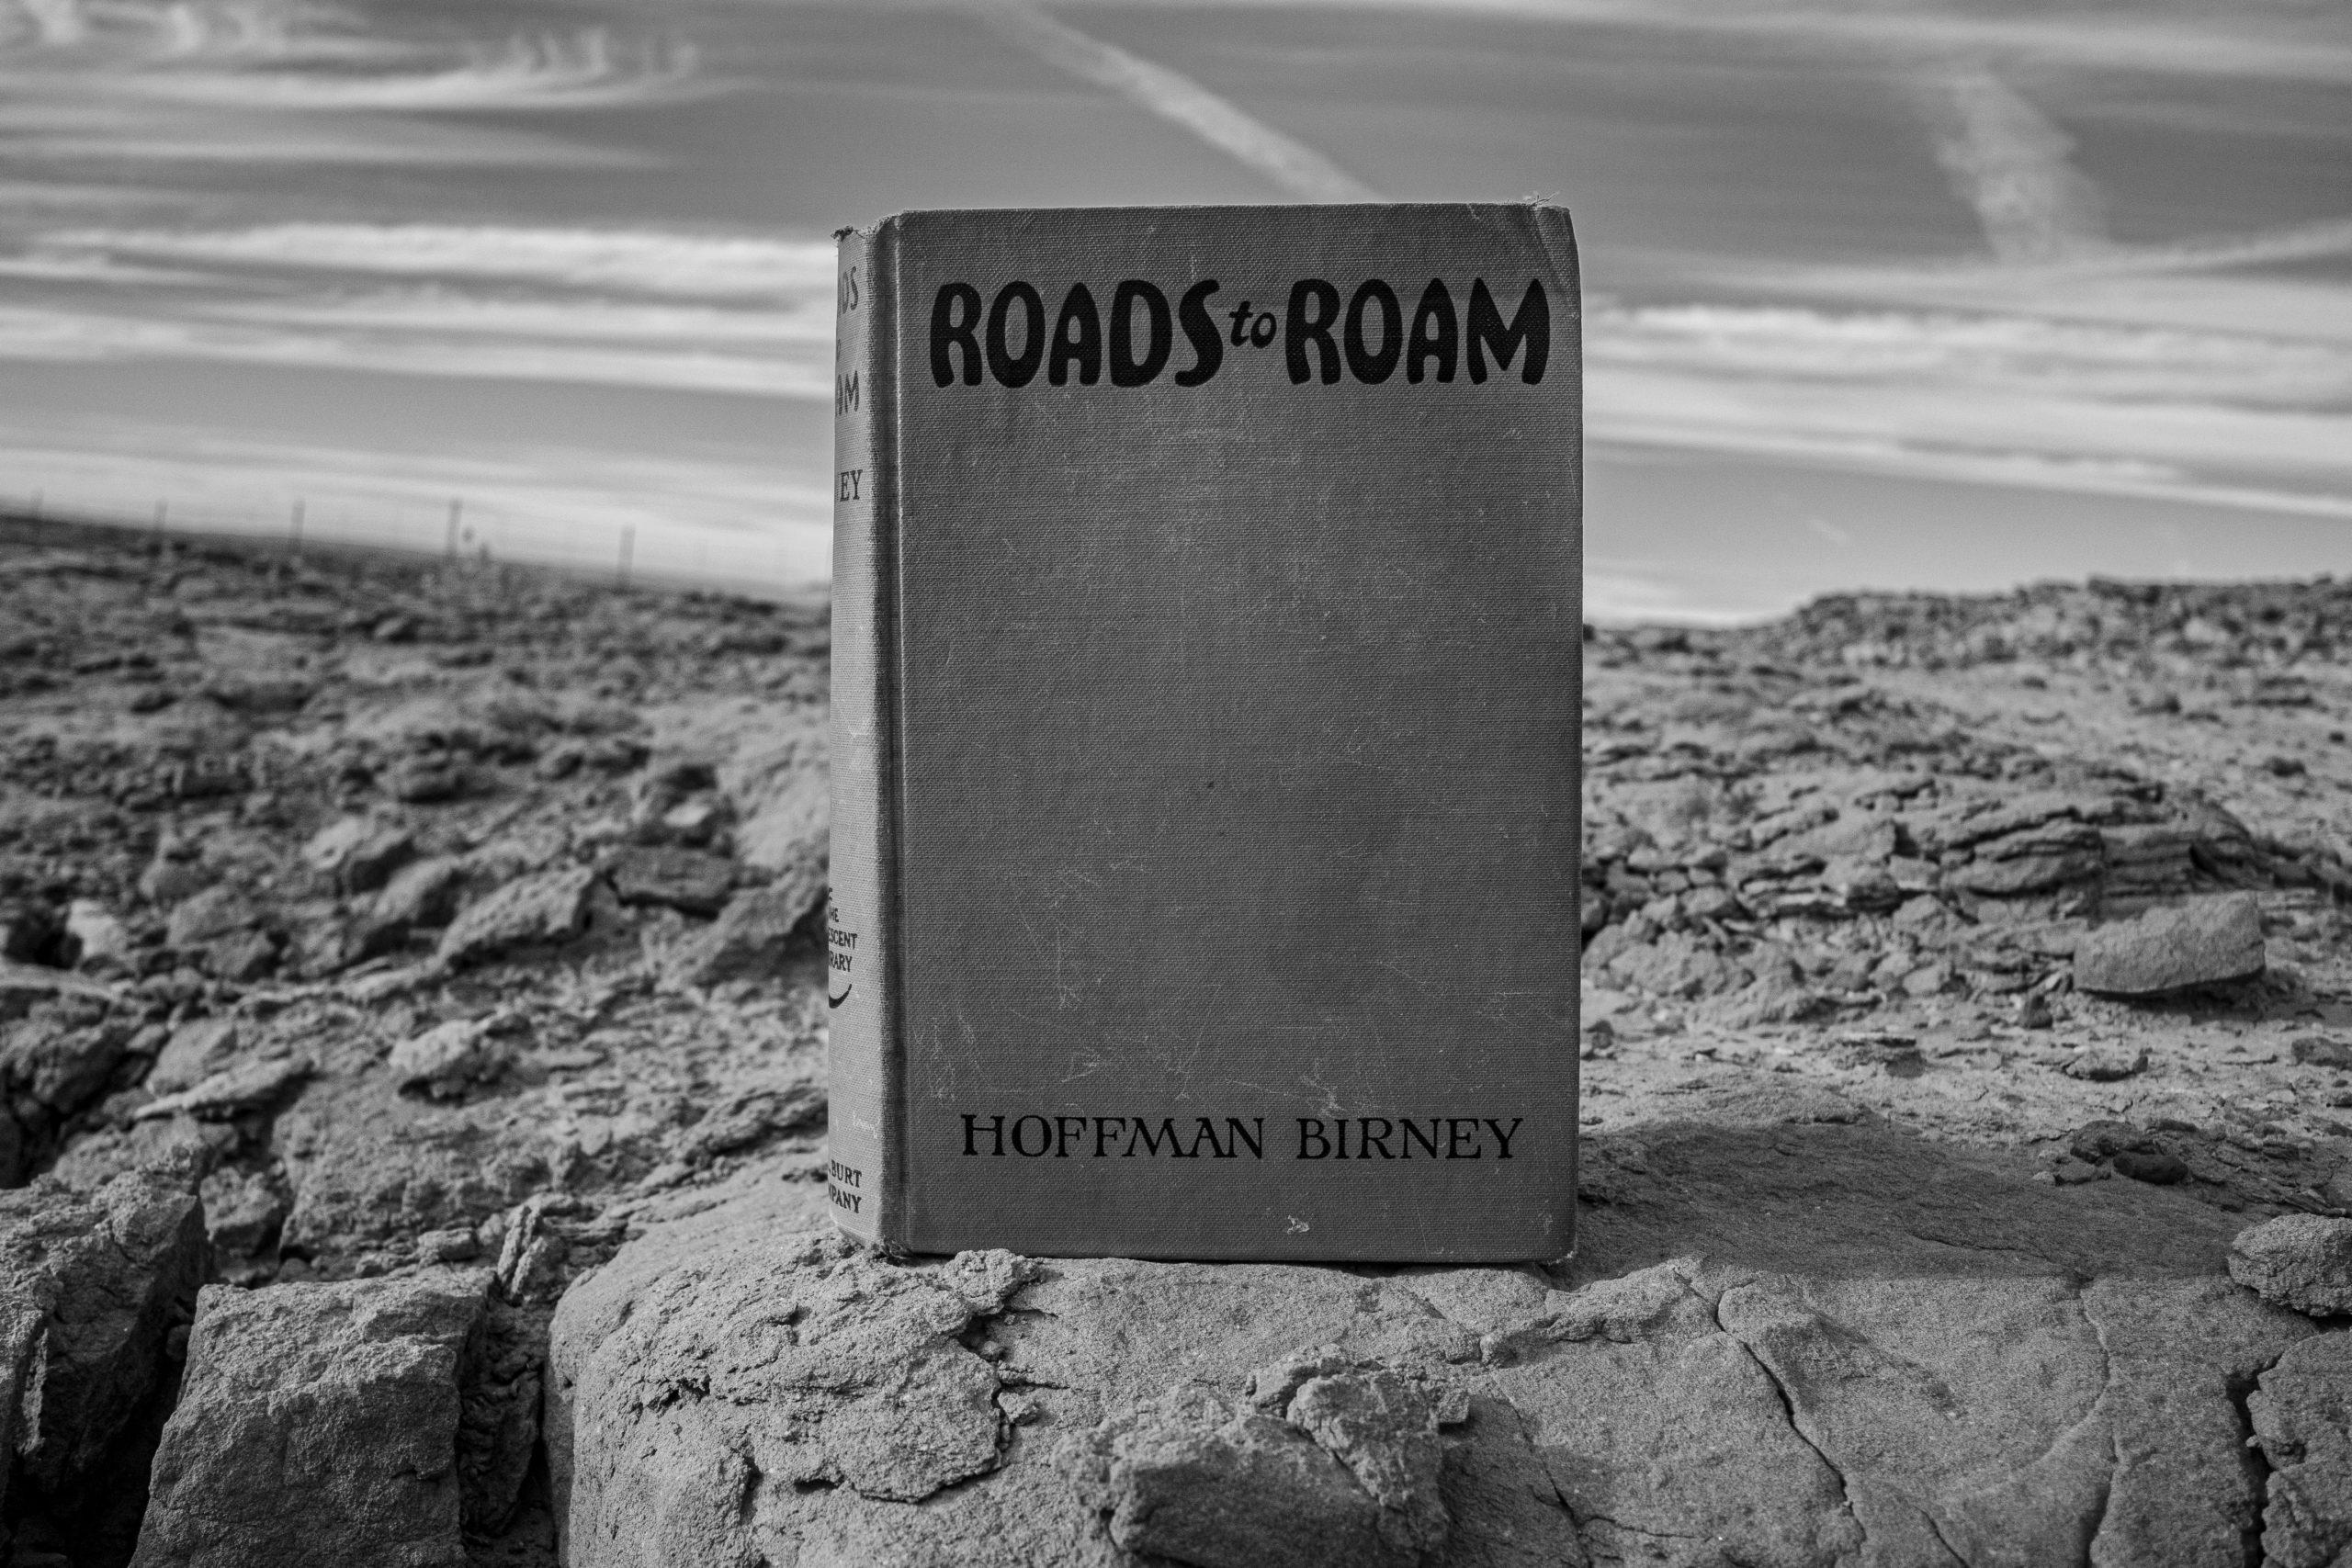 roads to roam hoffman birney novel